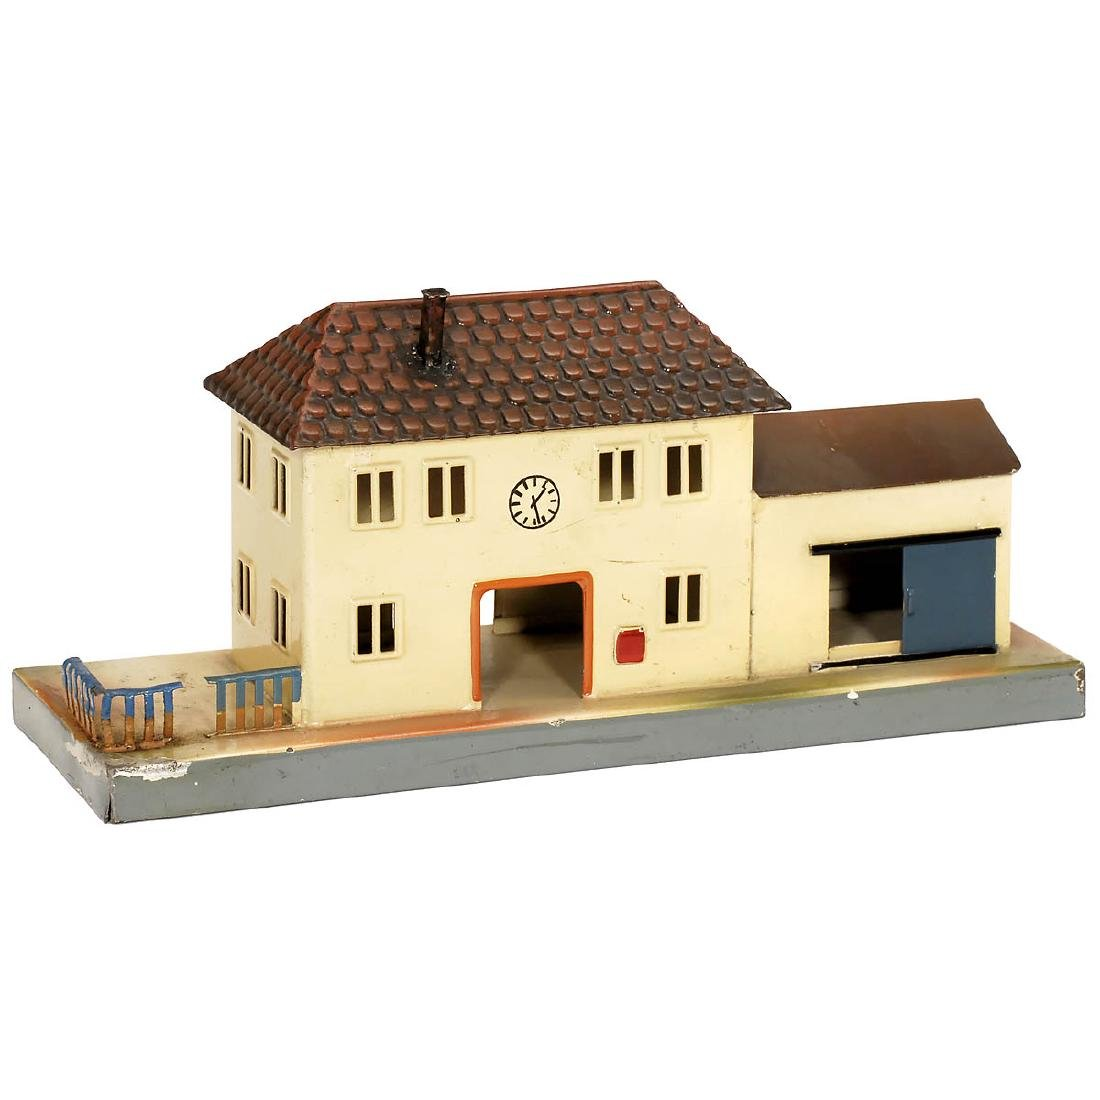 Märklin No. 412 Small Town Station, c. 1938